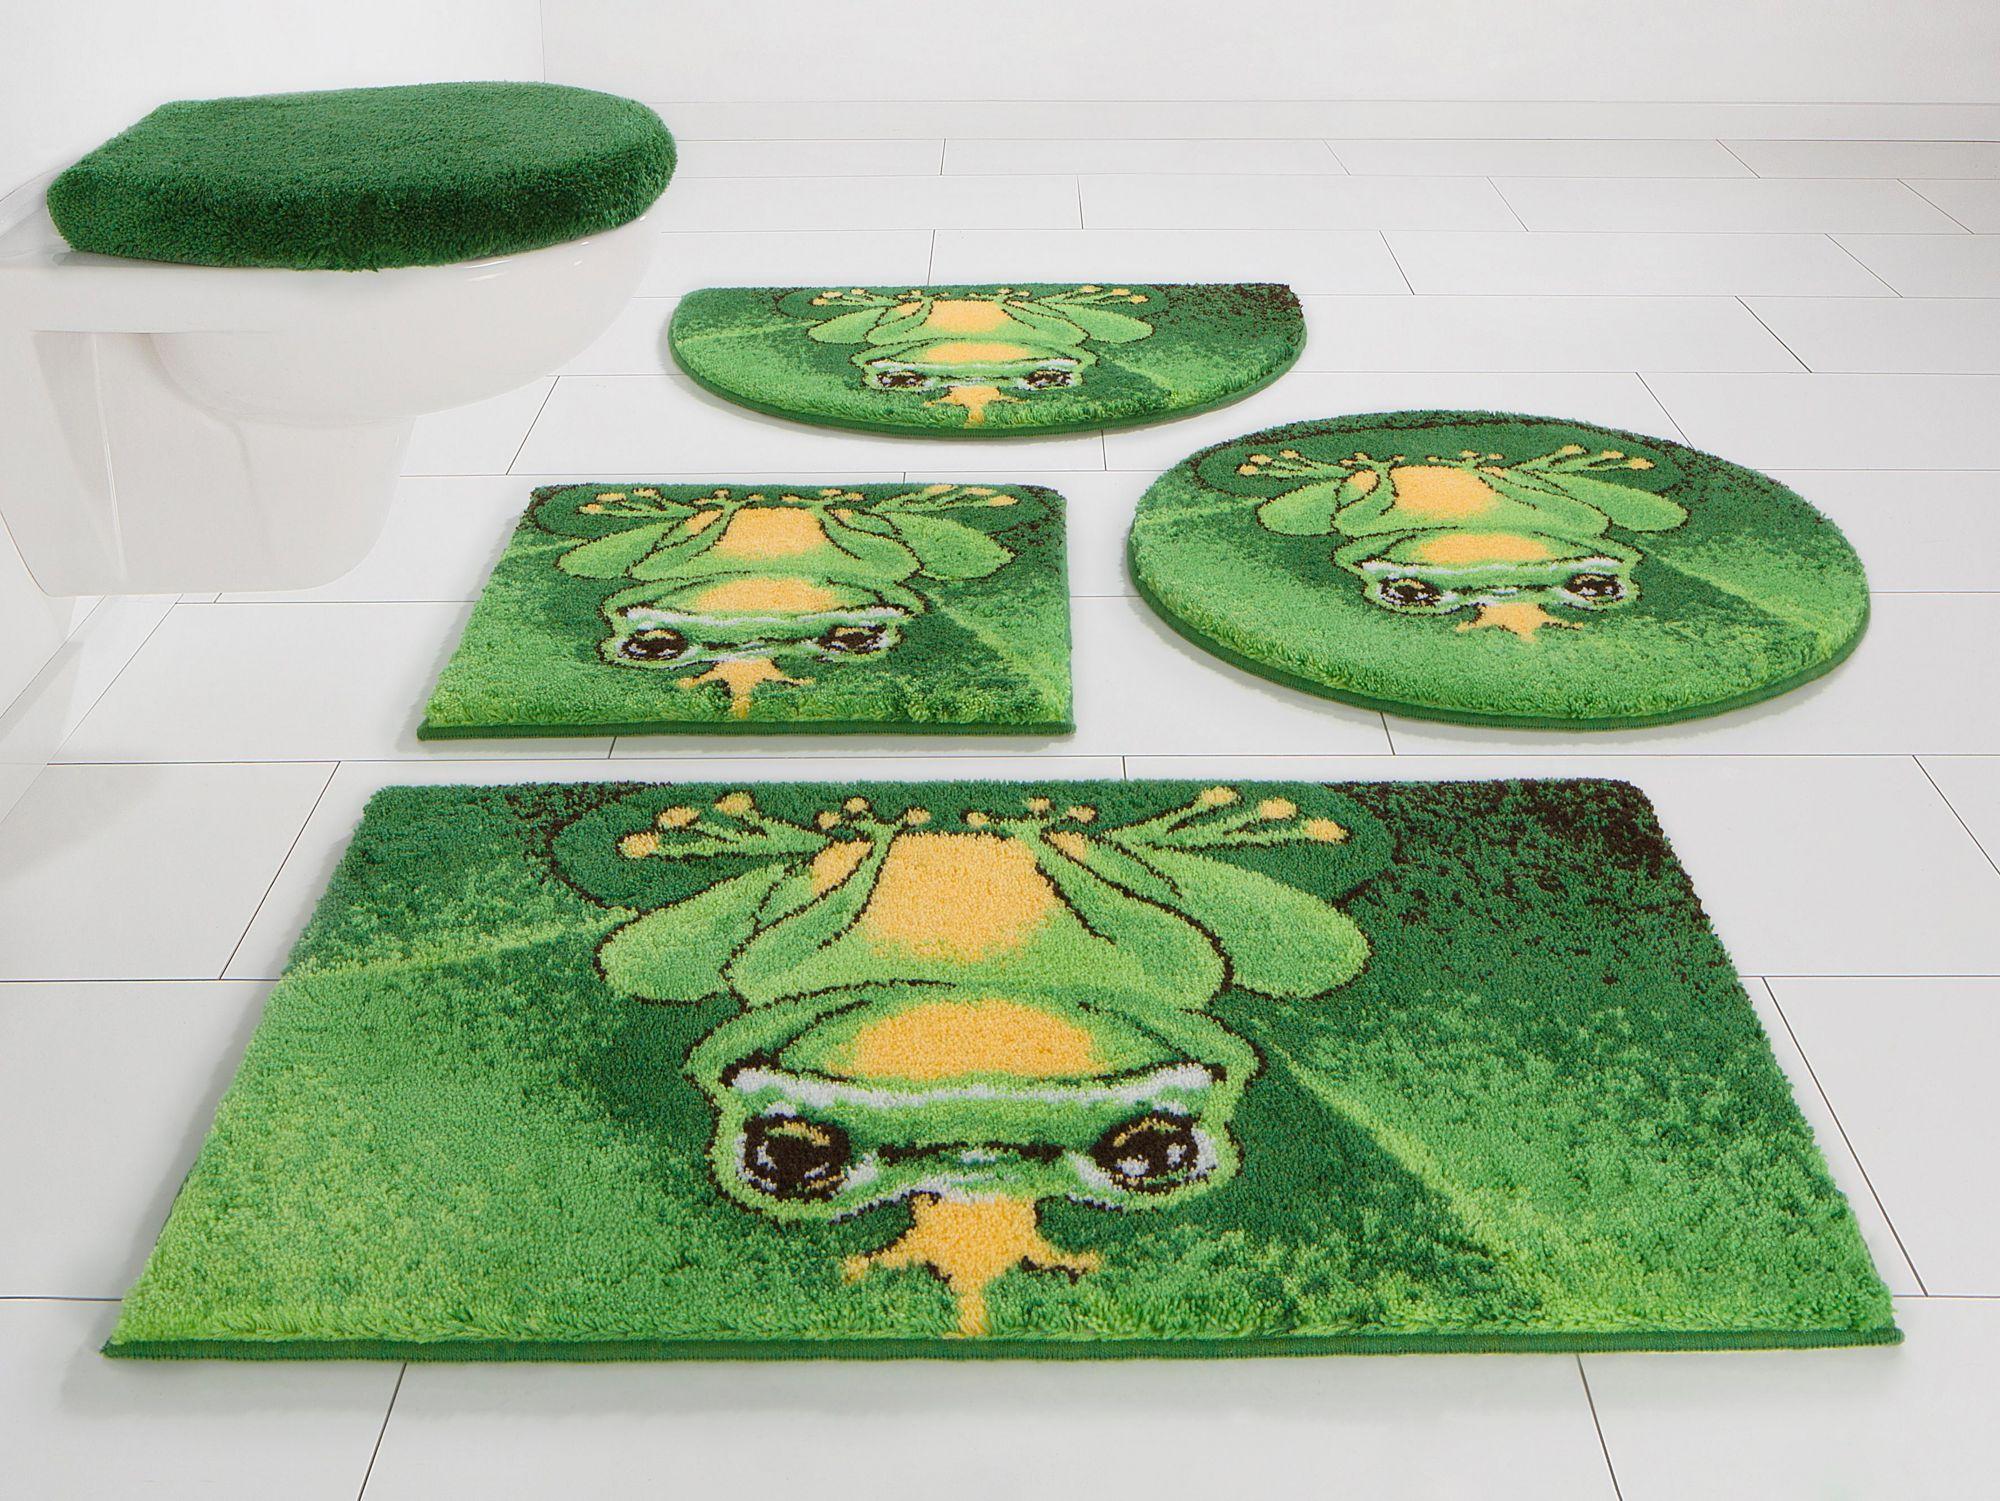 badematte rund grund frosch h he 20 mm rutschhemmender r cken schwab versand badematte. Black Bedroom Furniture Sets. Home Design Ideas